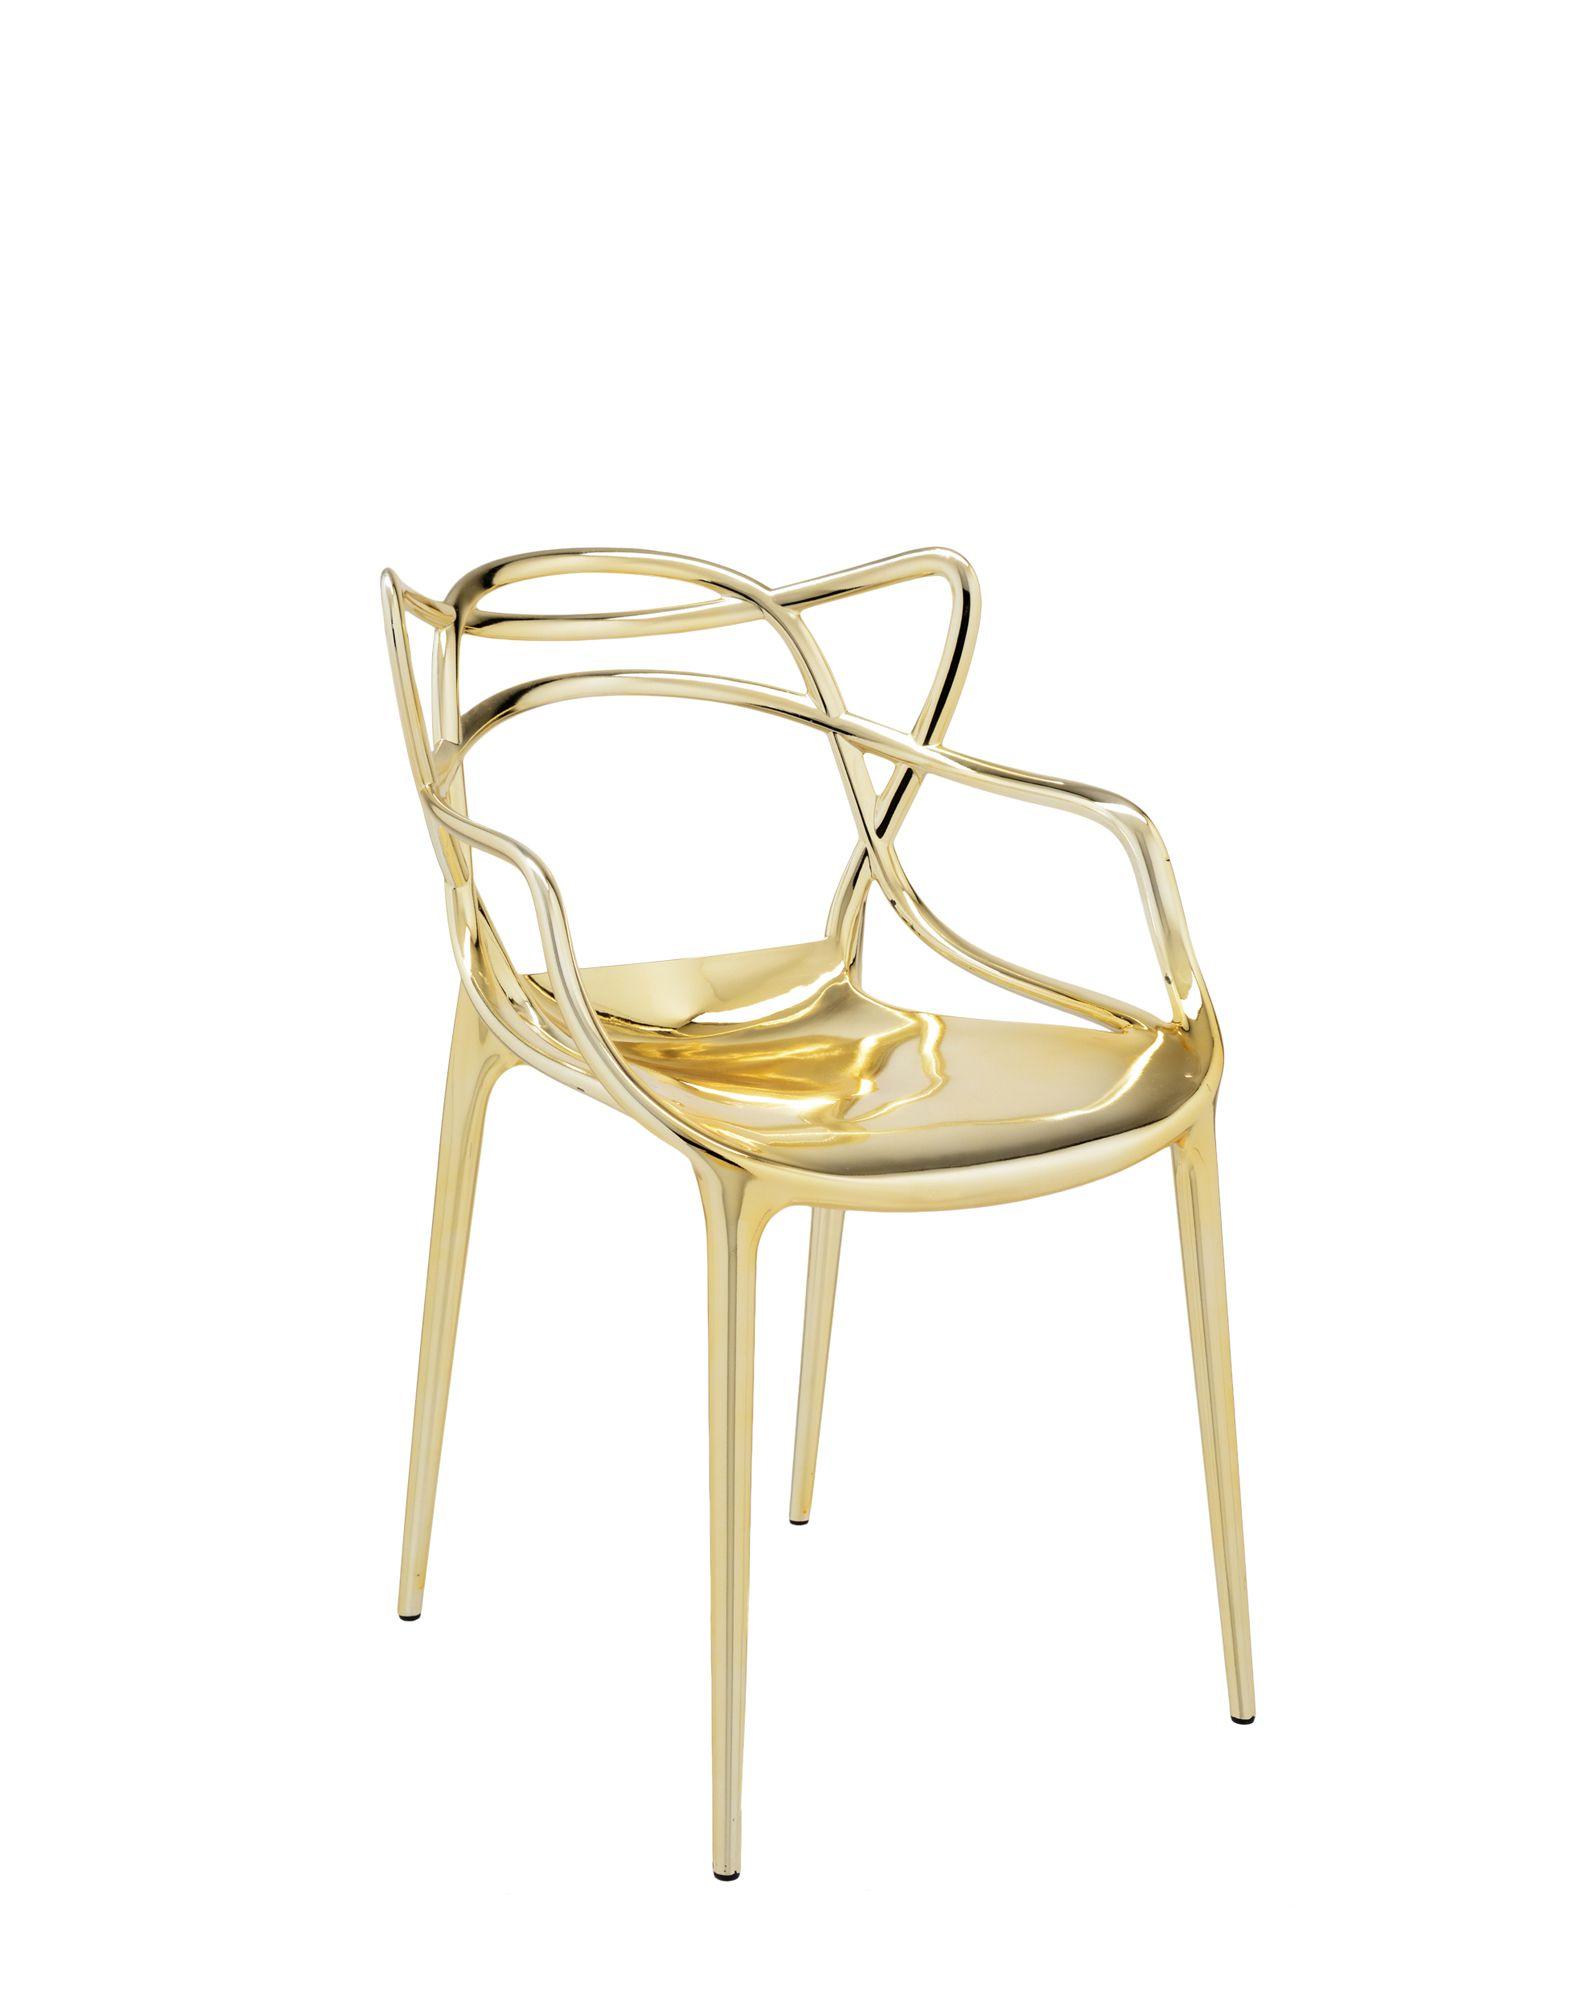 Kartell Masters Oro Sedie Sedie Design Sedie Moderne Sedie Design Newformsdesign